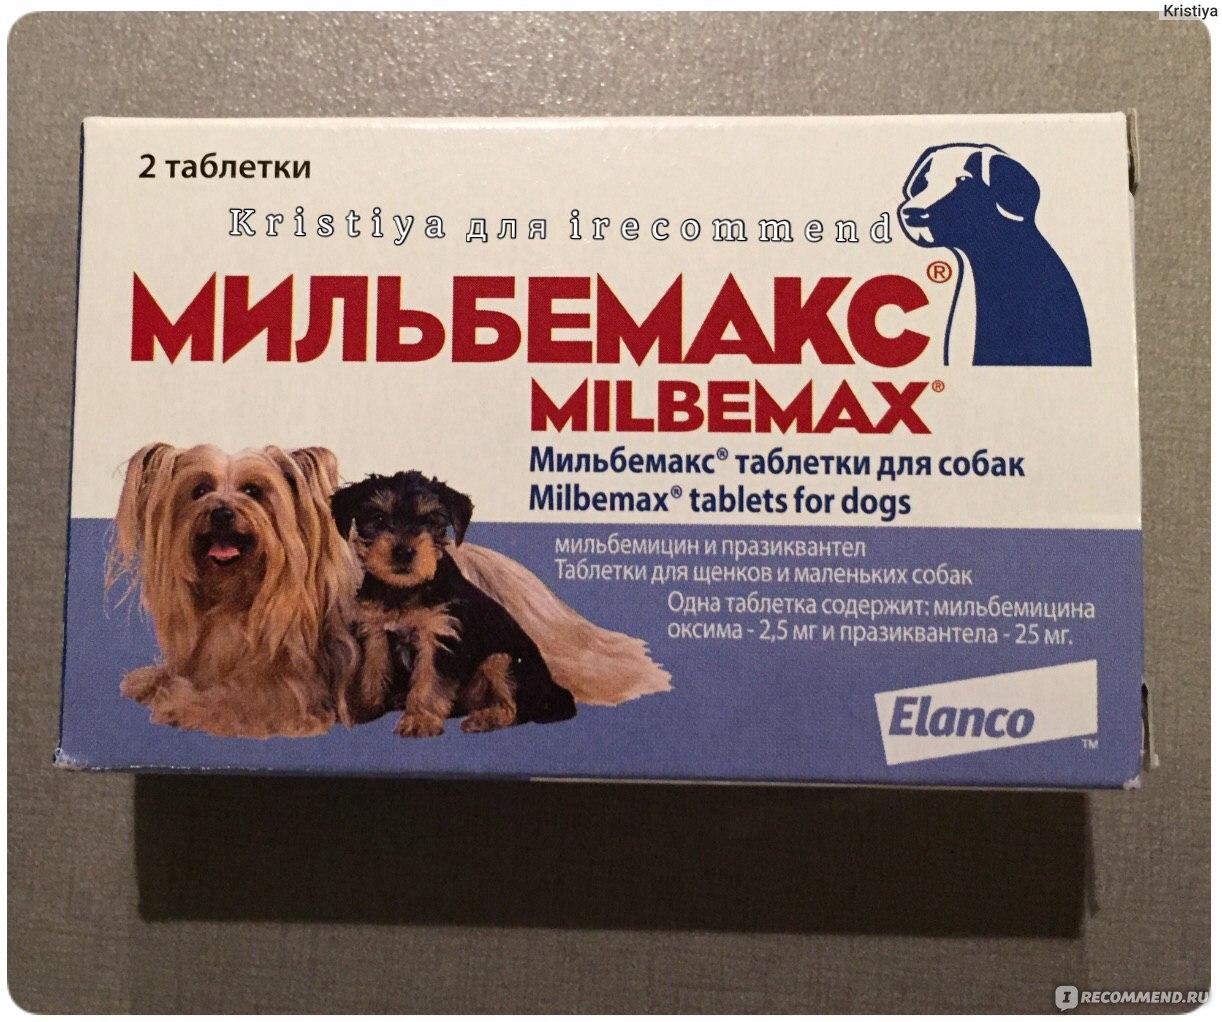 Мильбемакс для кошек: помощник в борьбе с паразитами